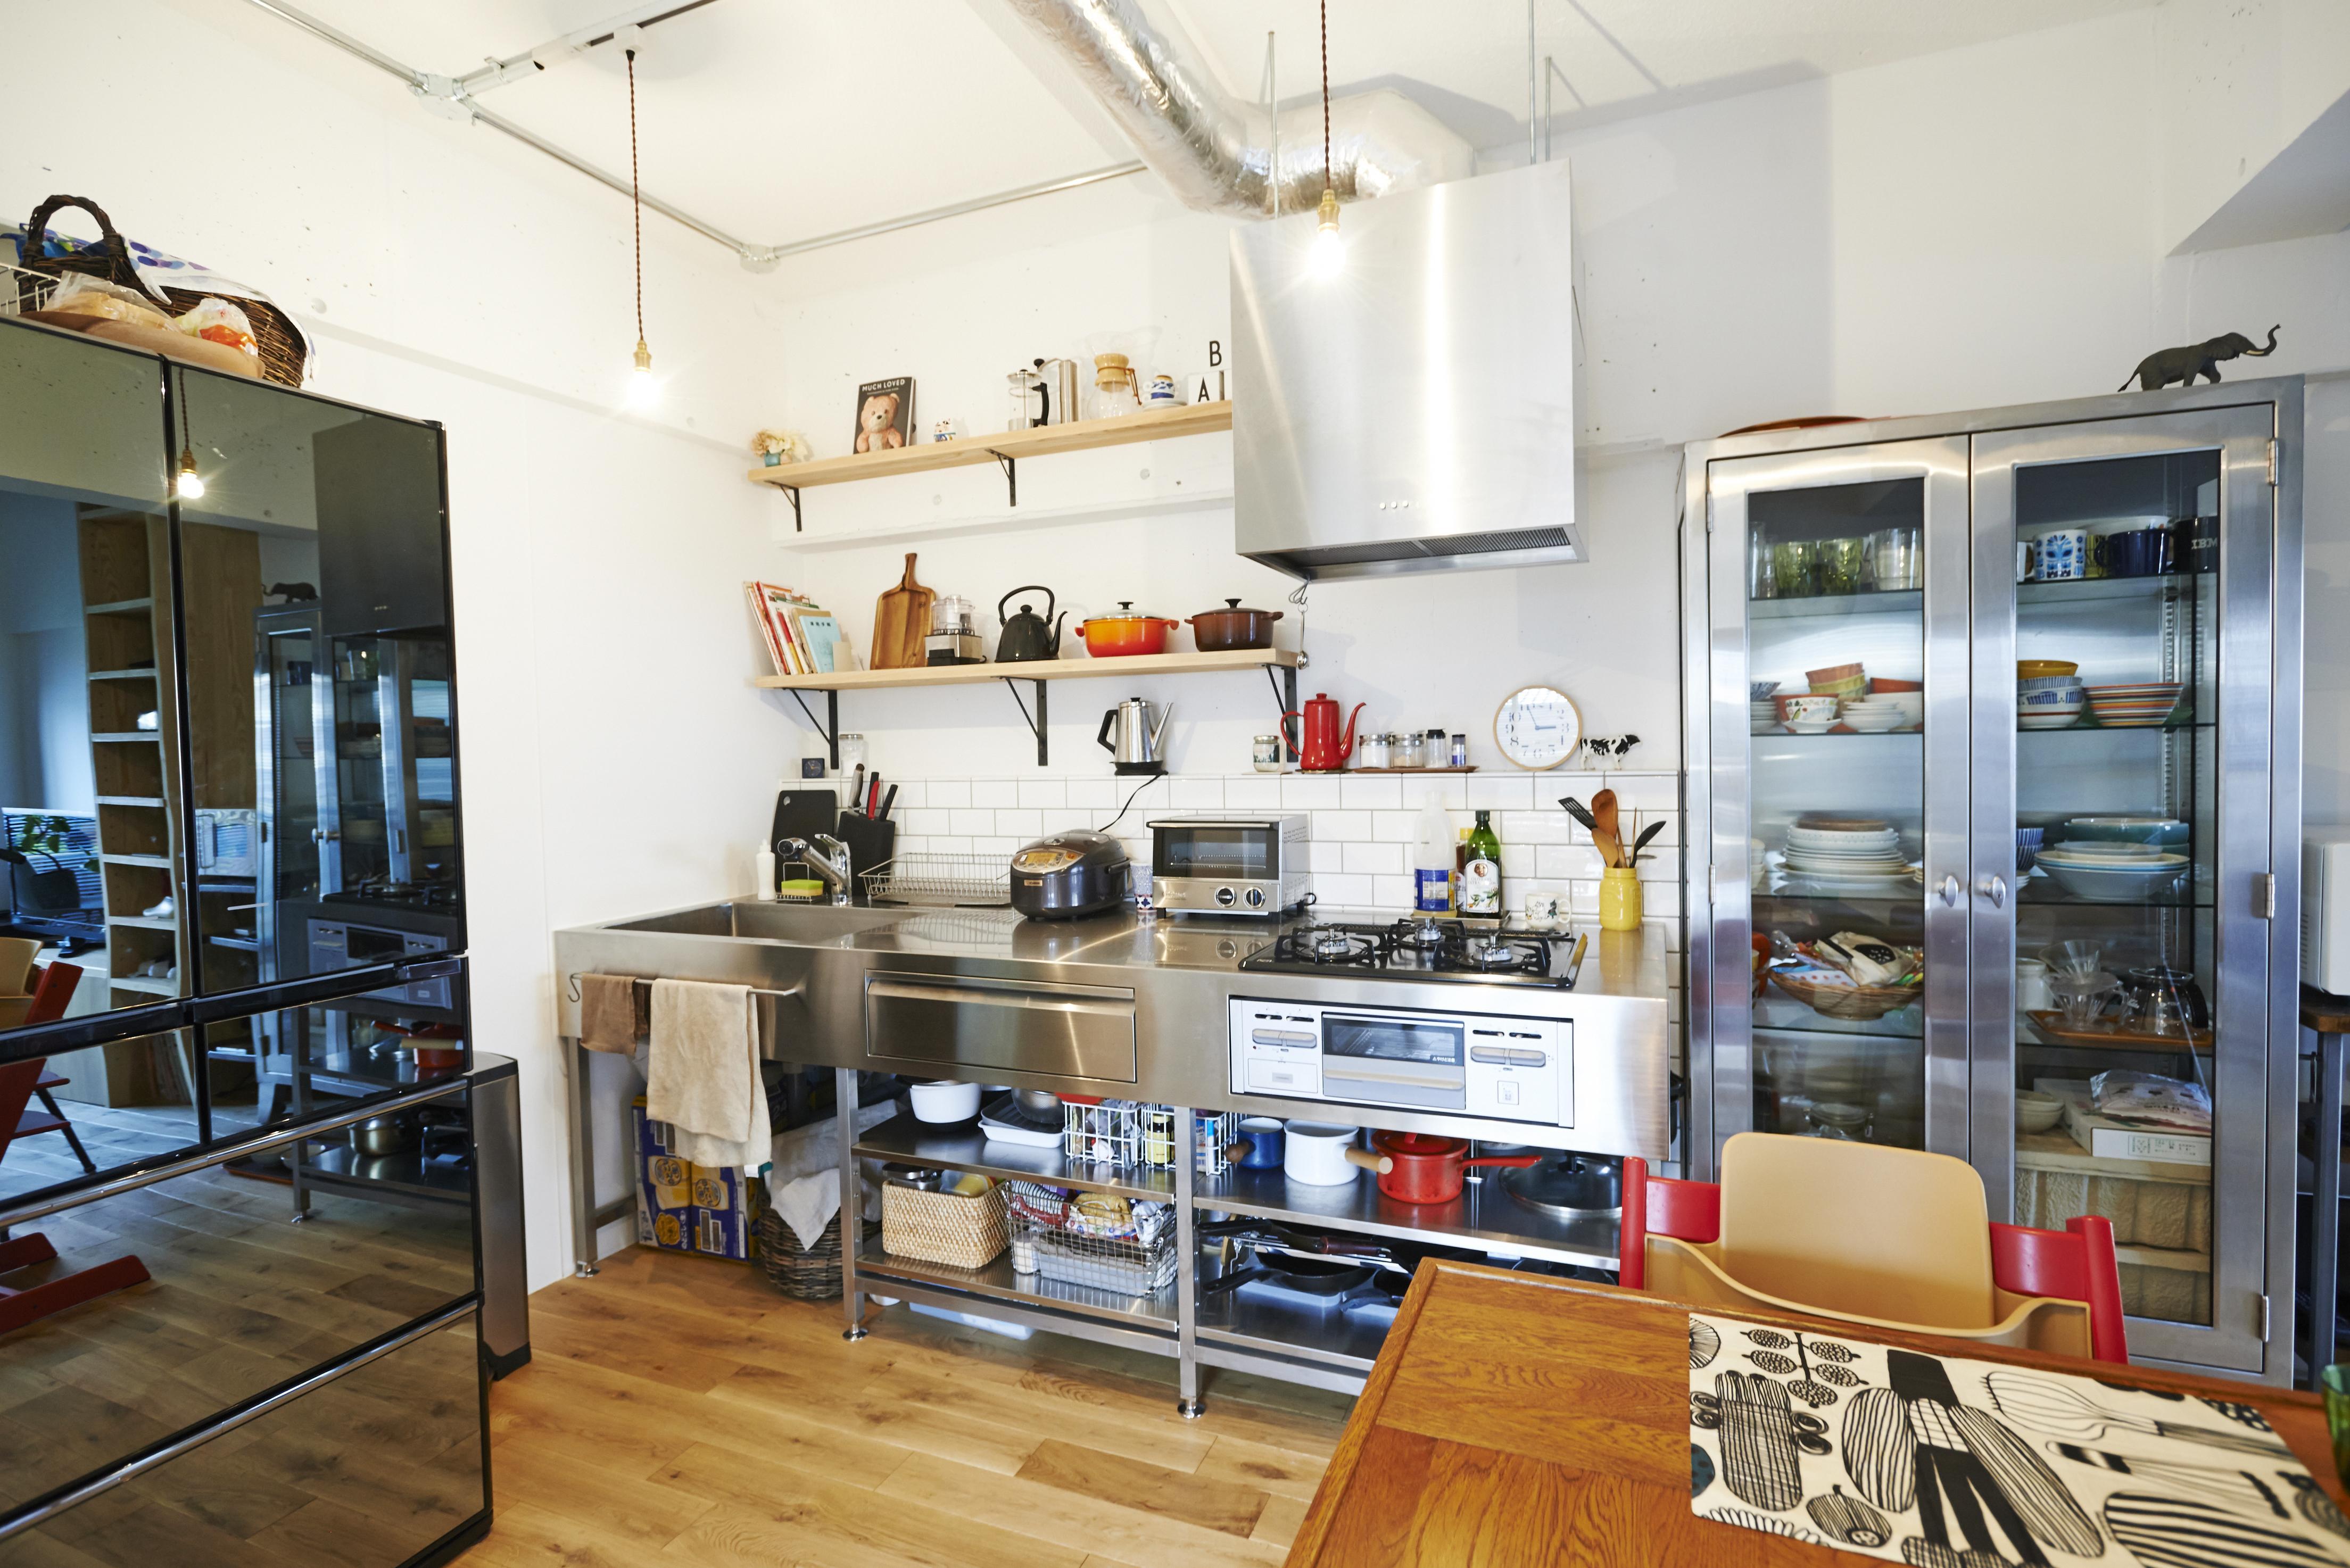 キッチン事例:ダイニングキッチン(ニューヨークのアパート)